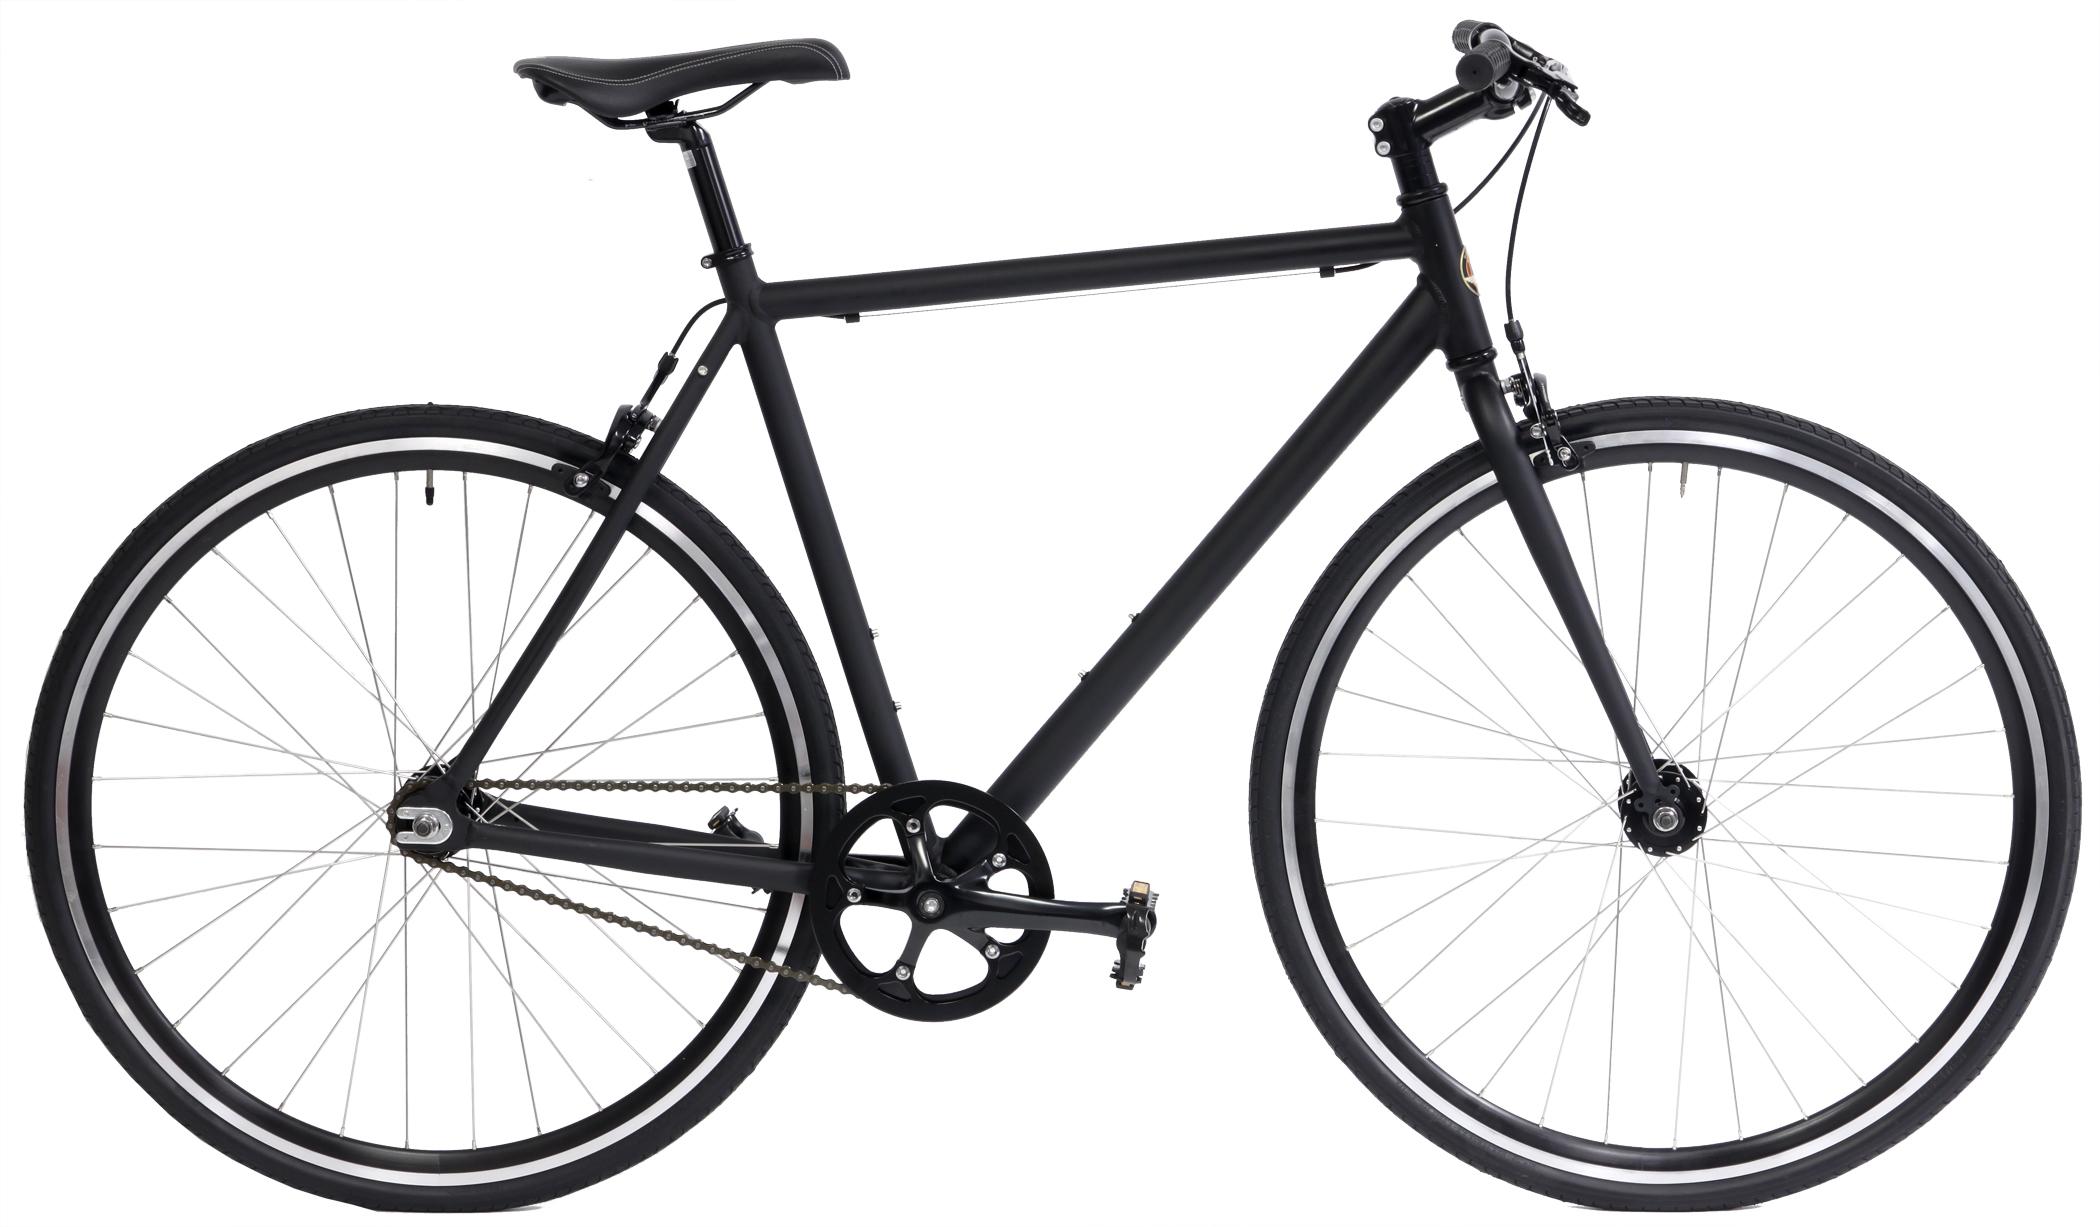 Drawn bike fixie #8